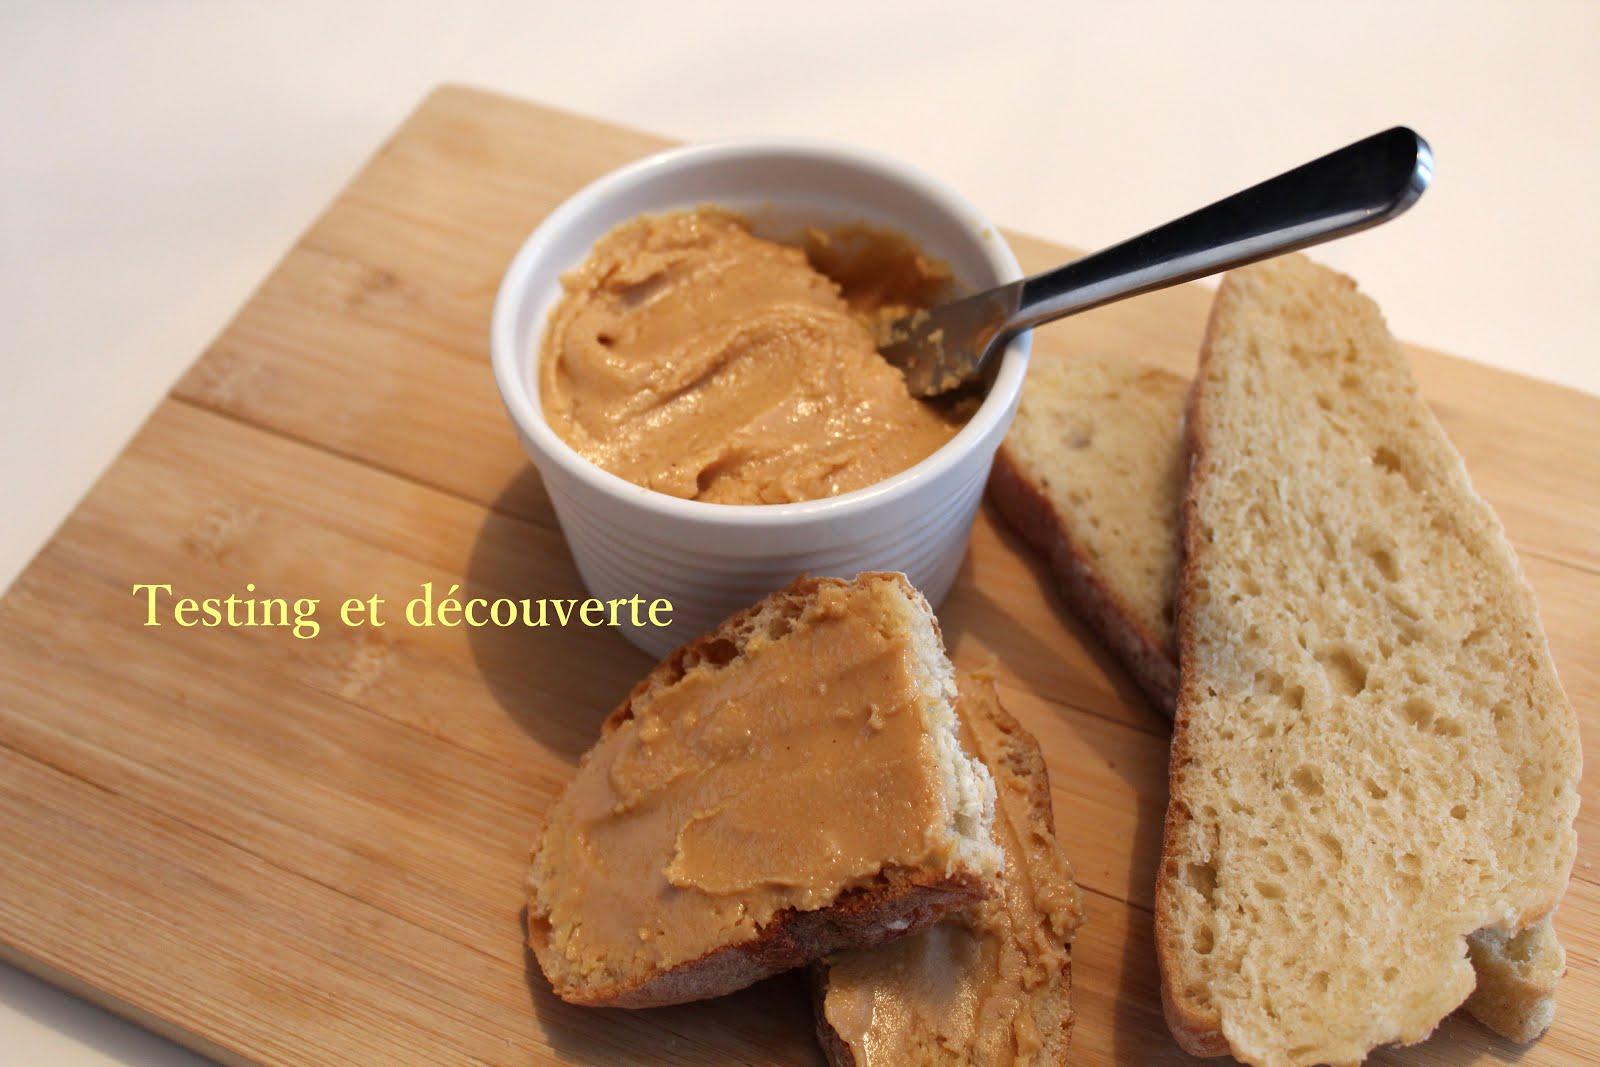 Testing et d couverte beurre d 39 arachide maison - Beurre d escargots maison ...